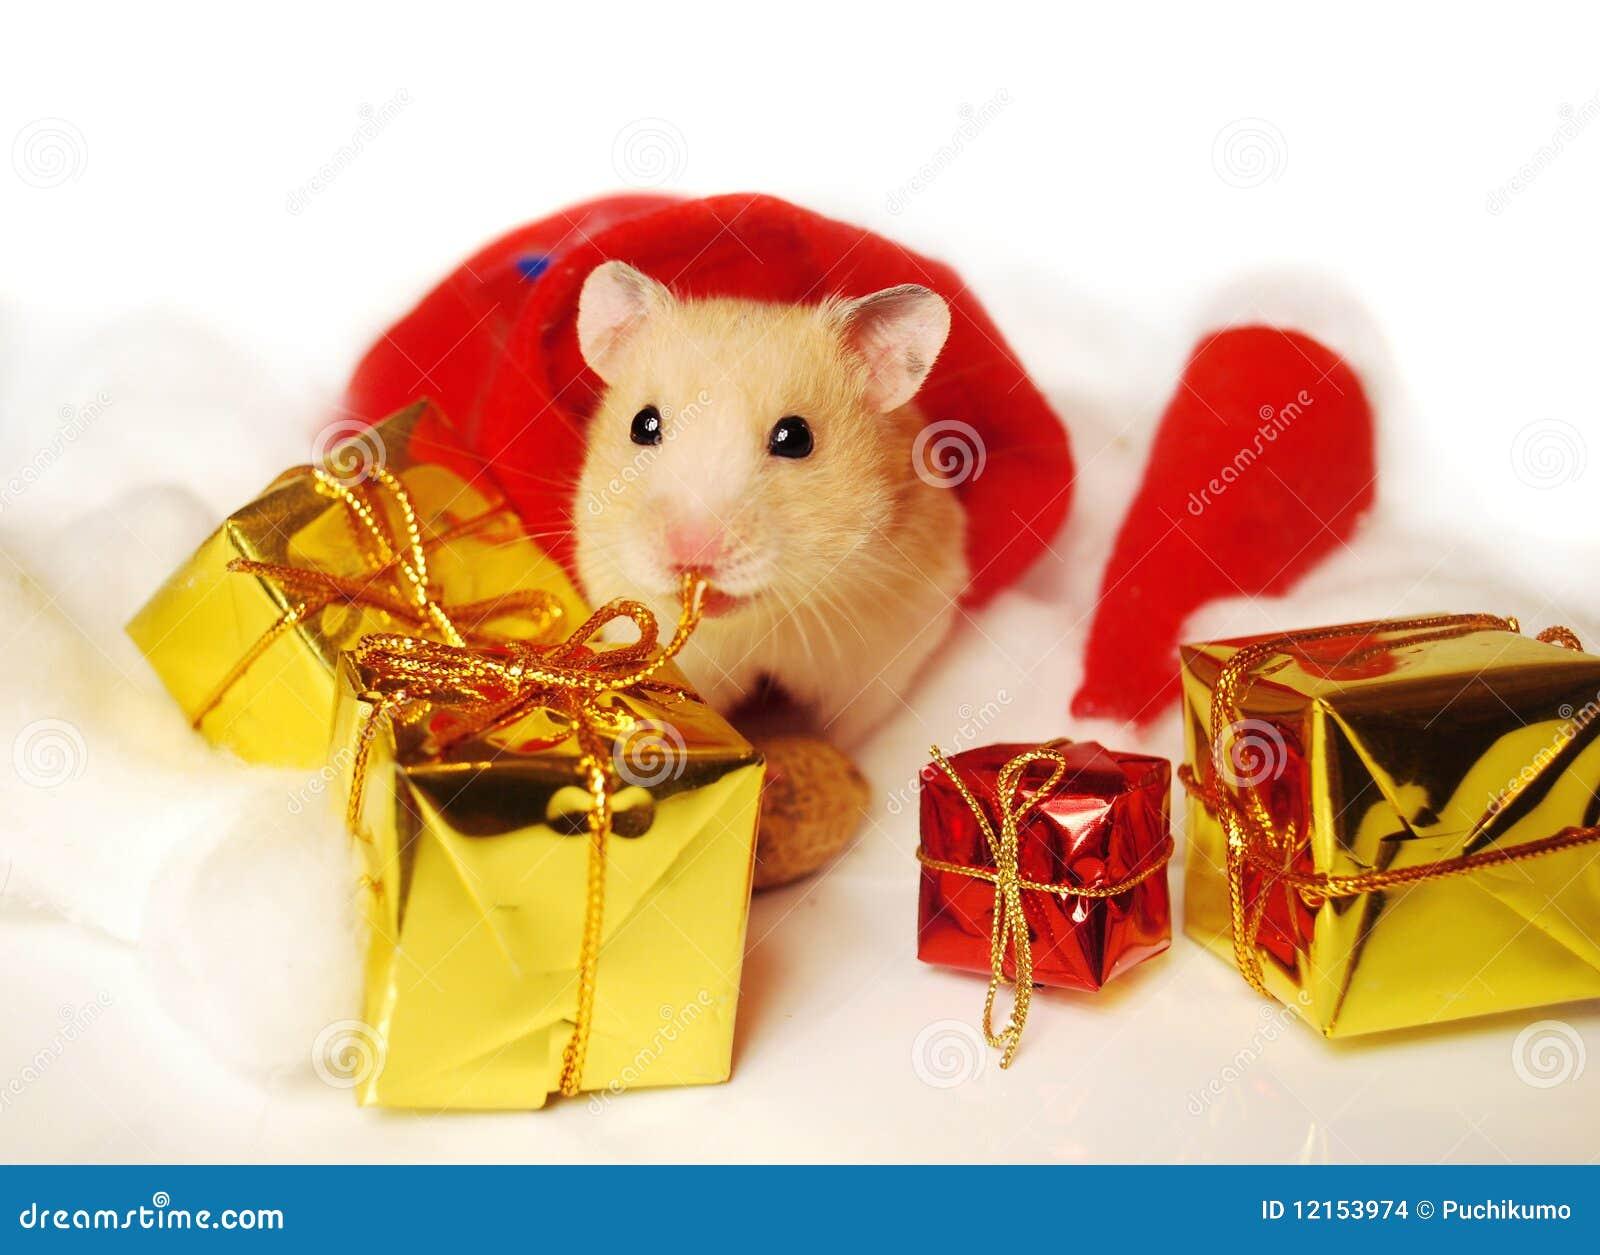 Hamster christmas gifts